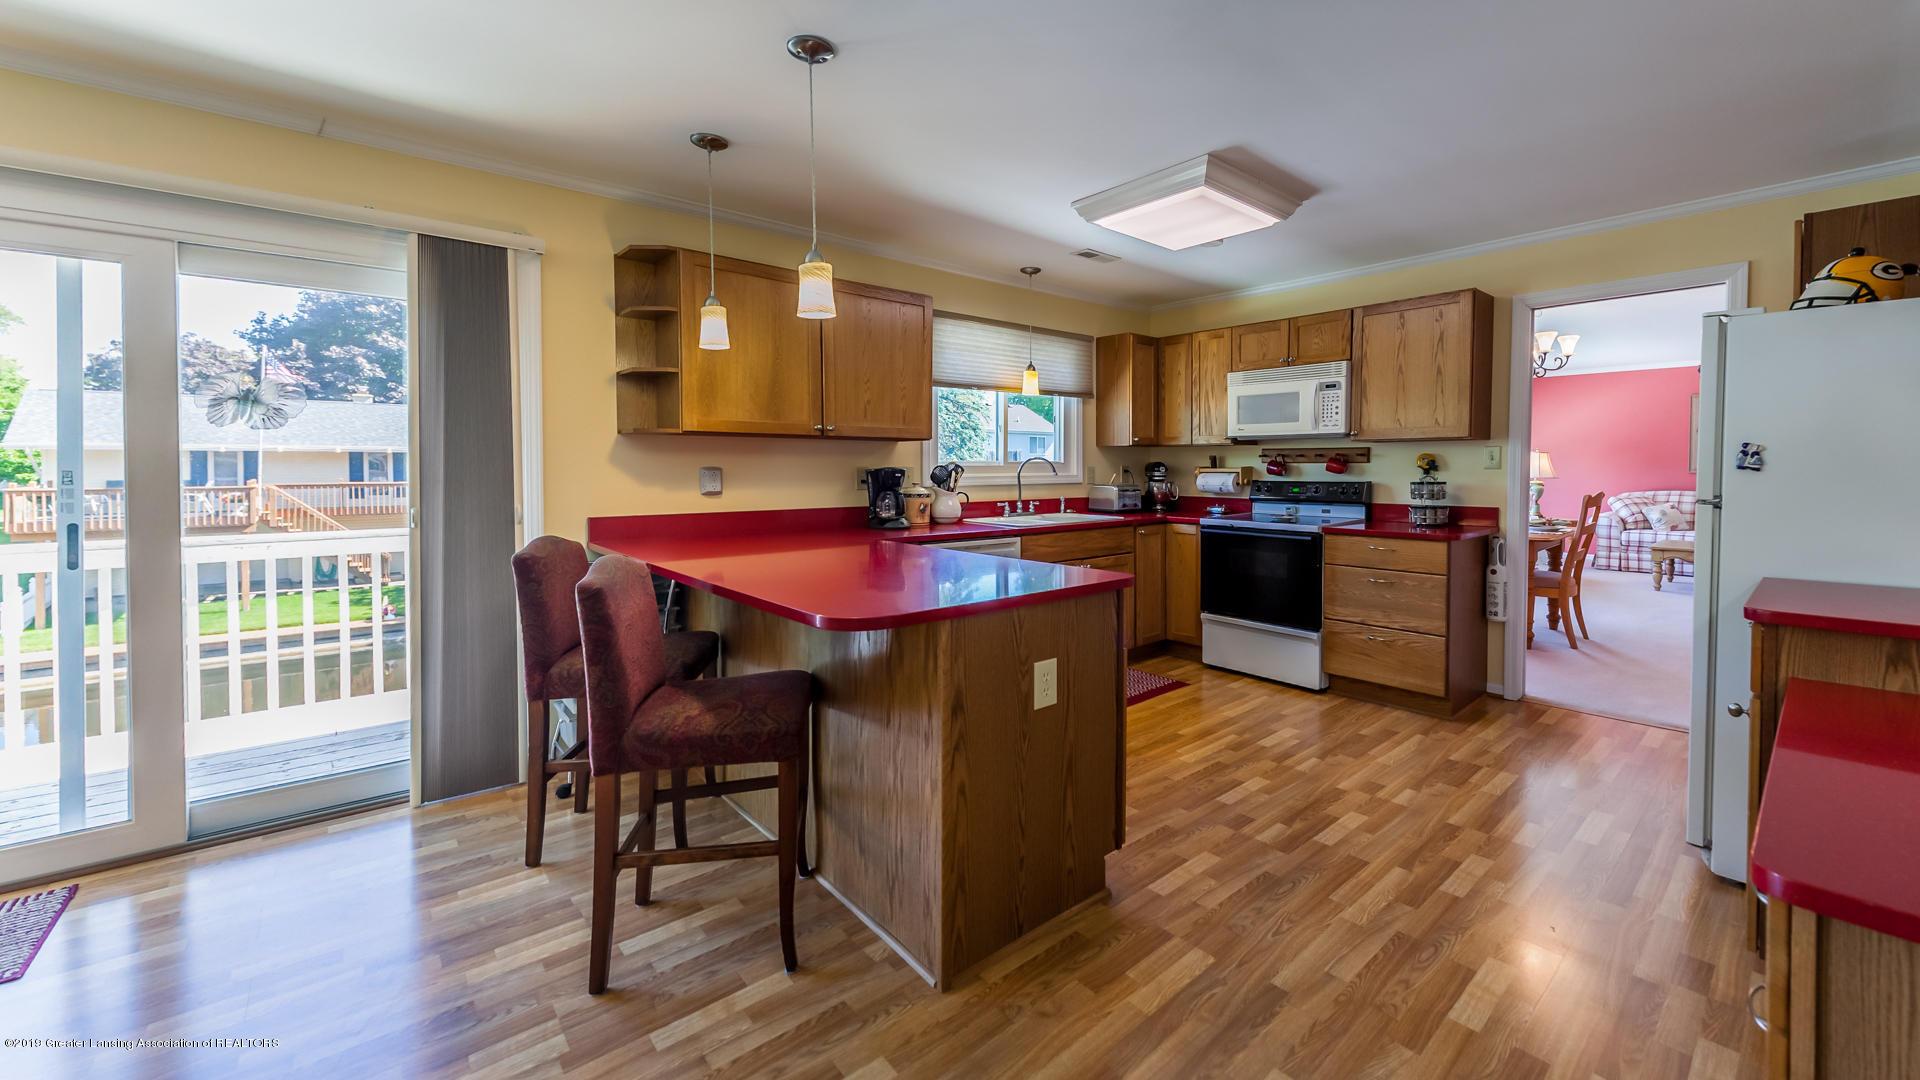 10109 Burgundy Blvd - kitchen - 7